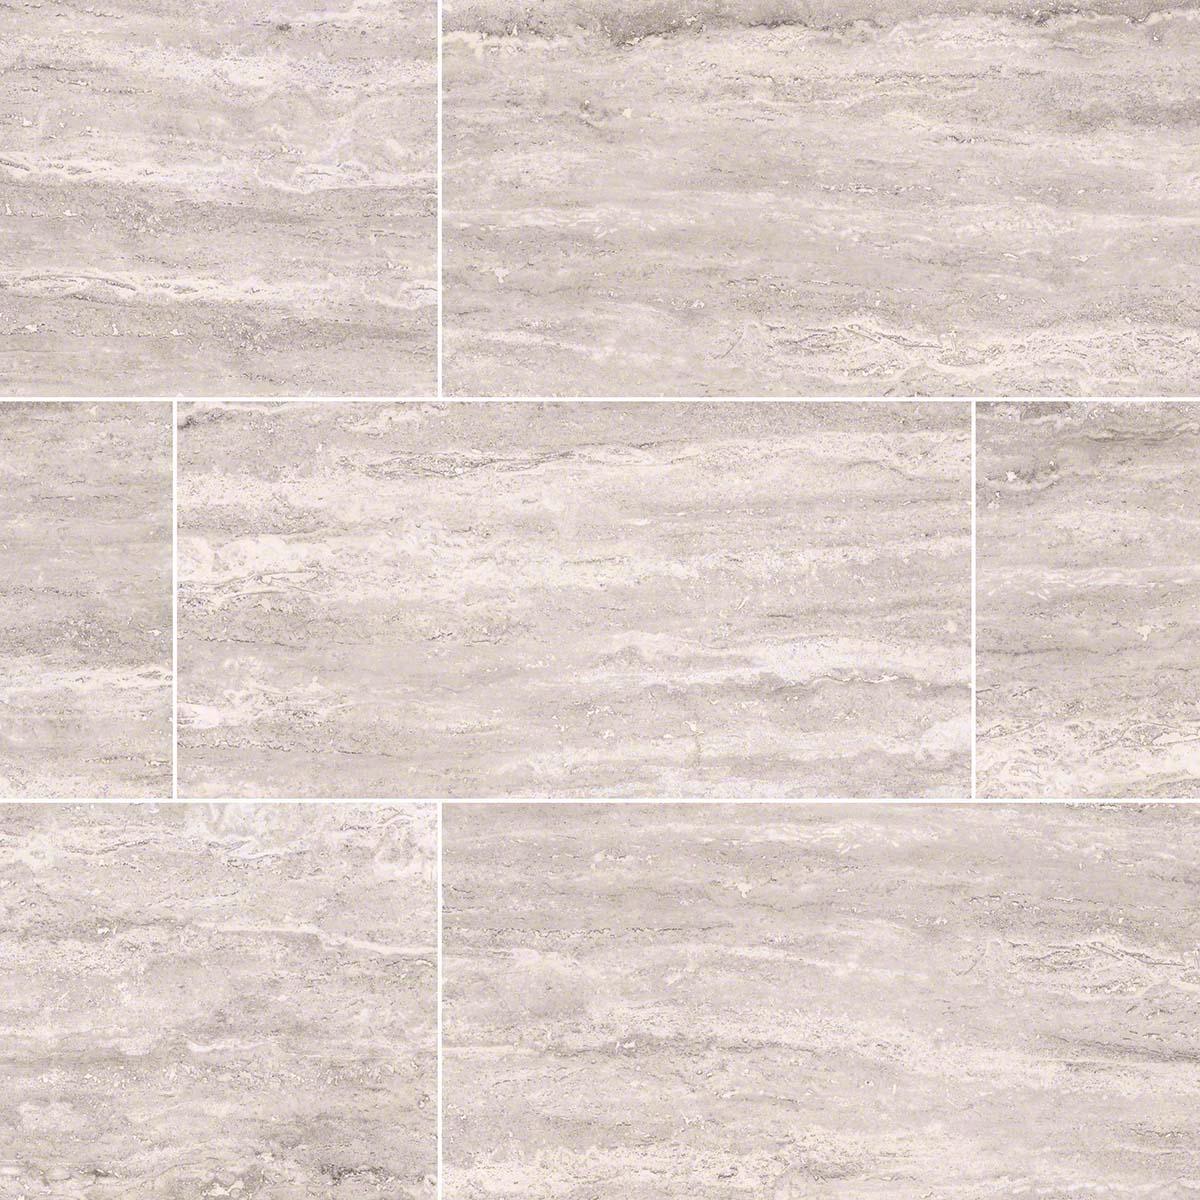 Pietra Venata White 2x4 Brick Polished